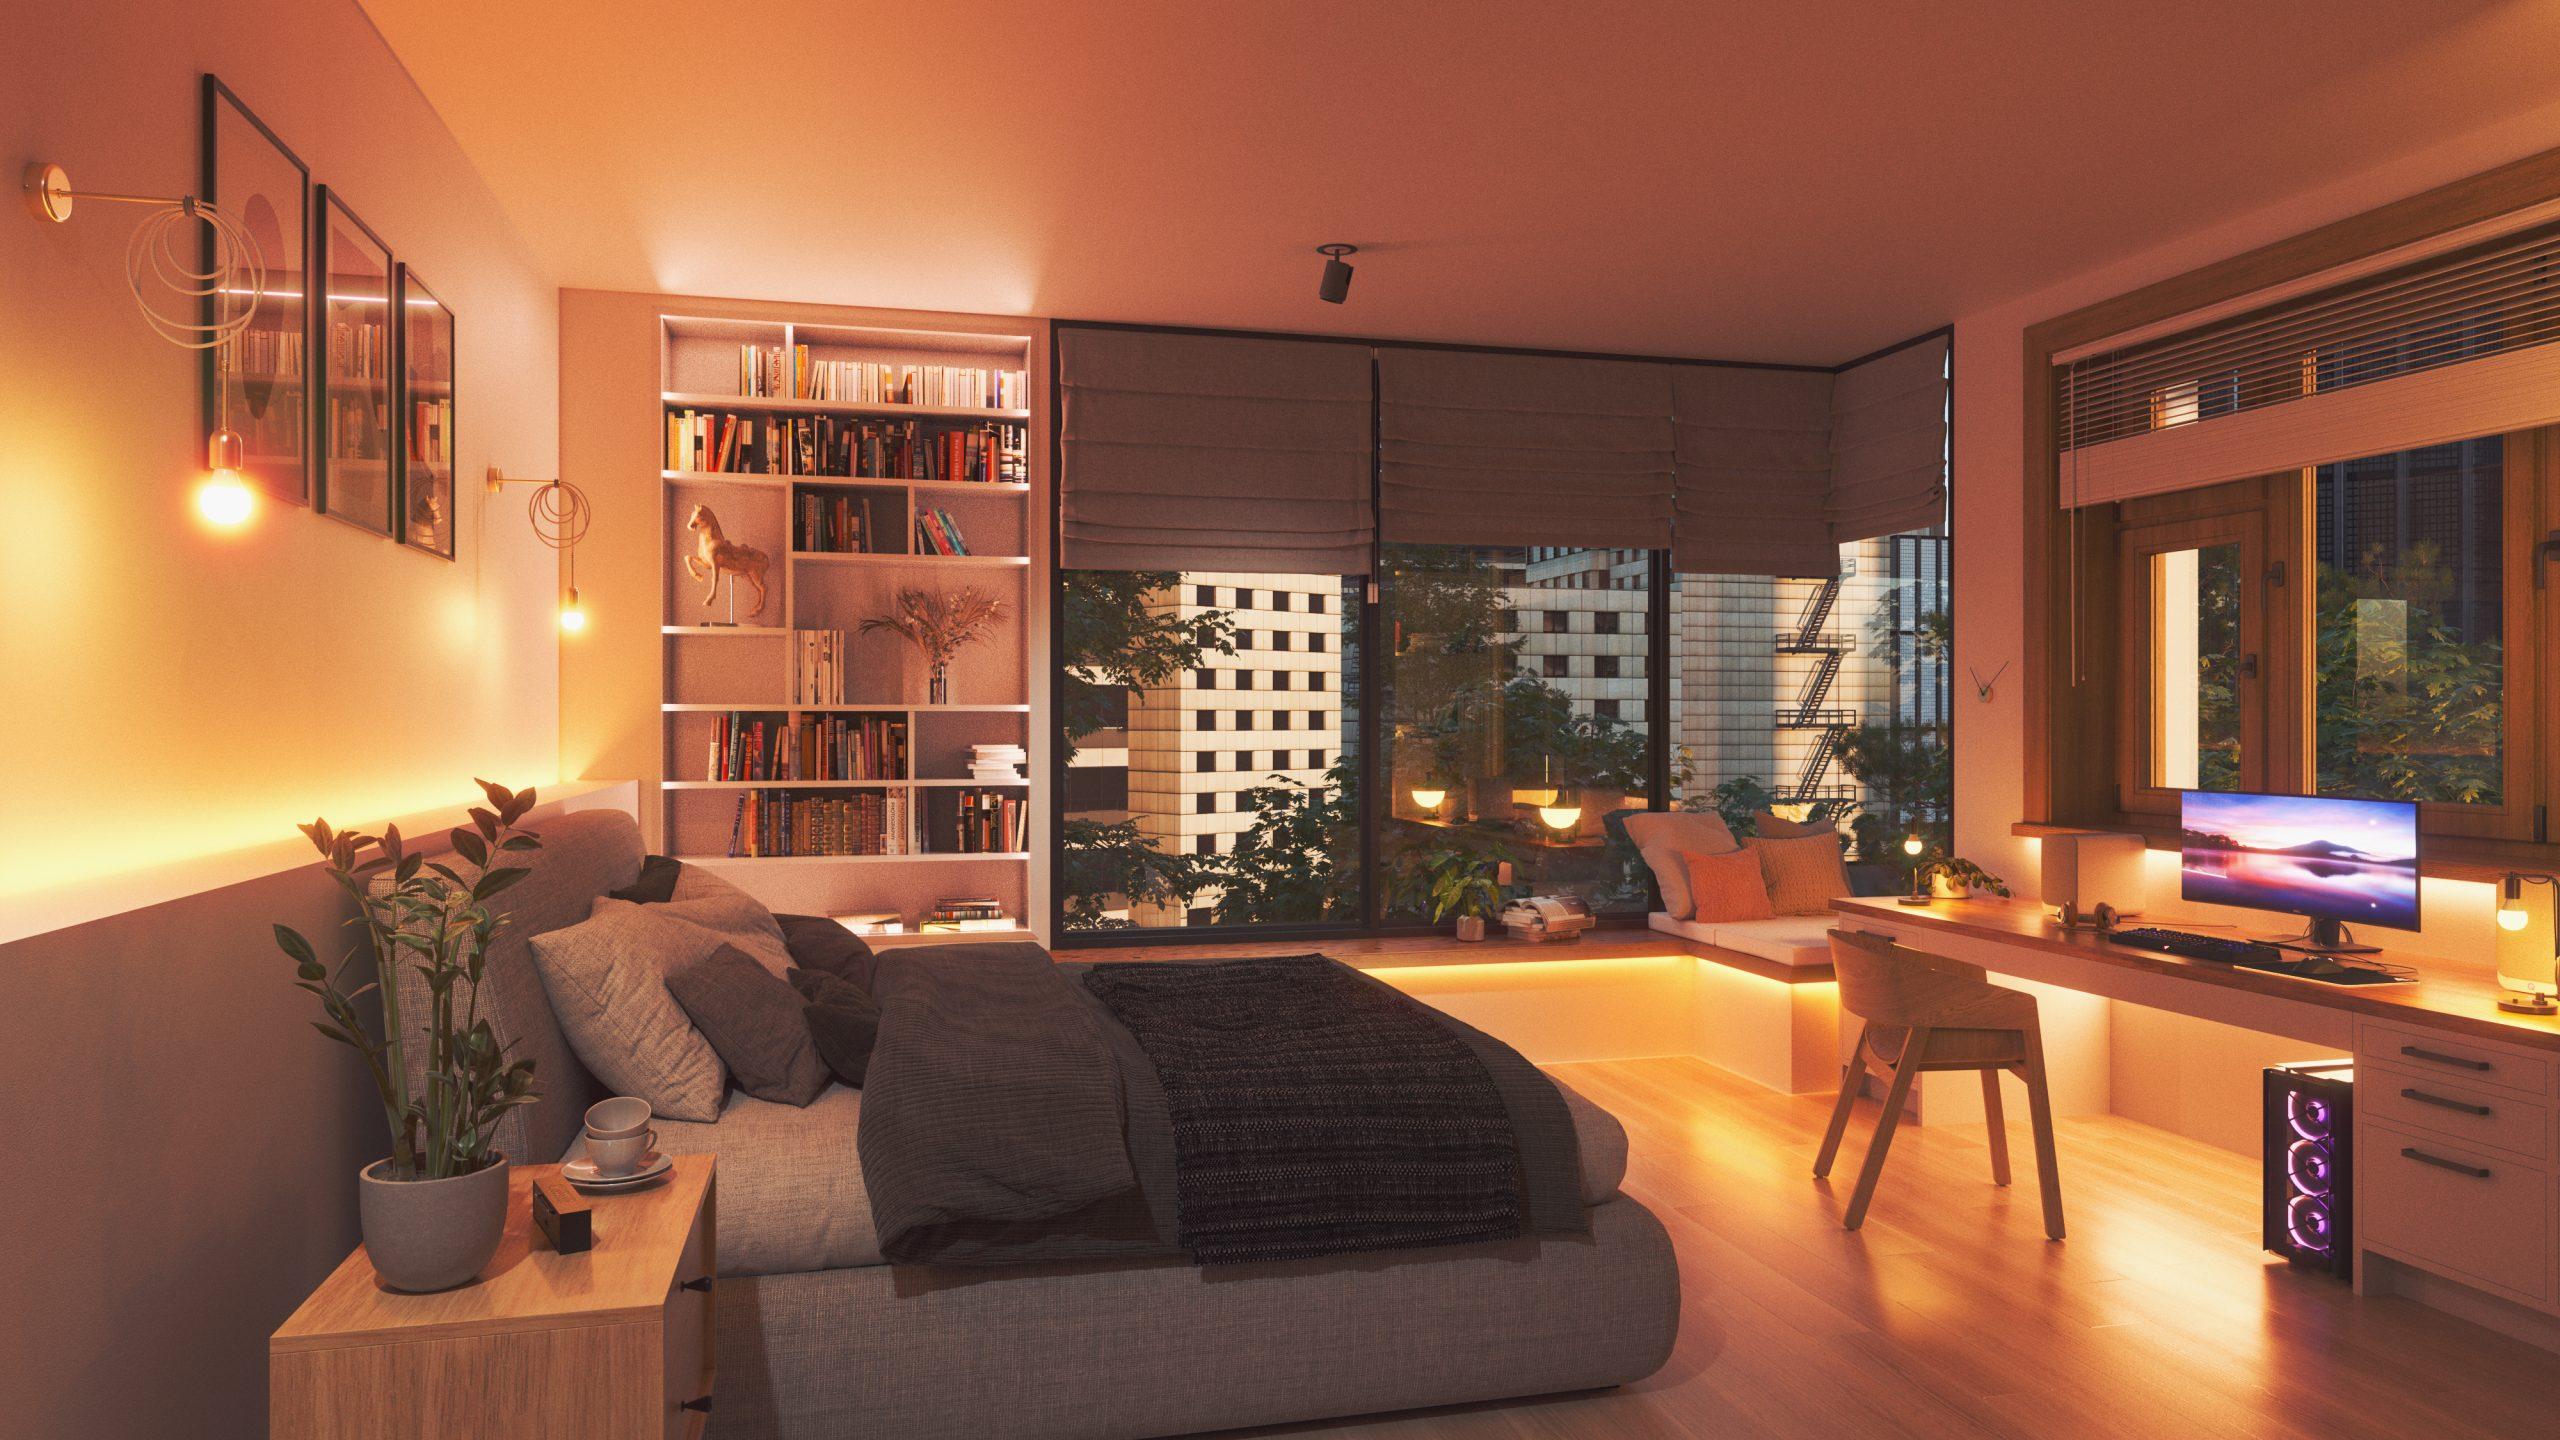 聖誕我「智」燈 Nanoleaf LED 智能變色燈泡及燈條家居辦公浪漫兼得